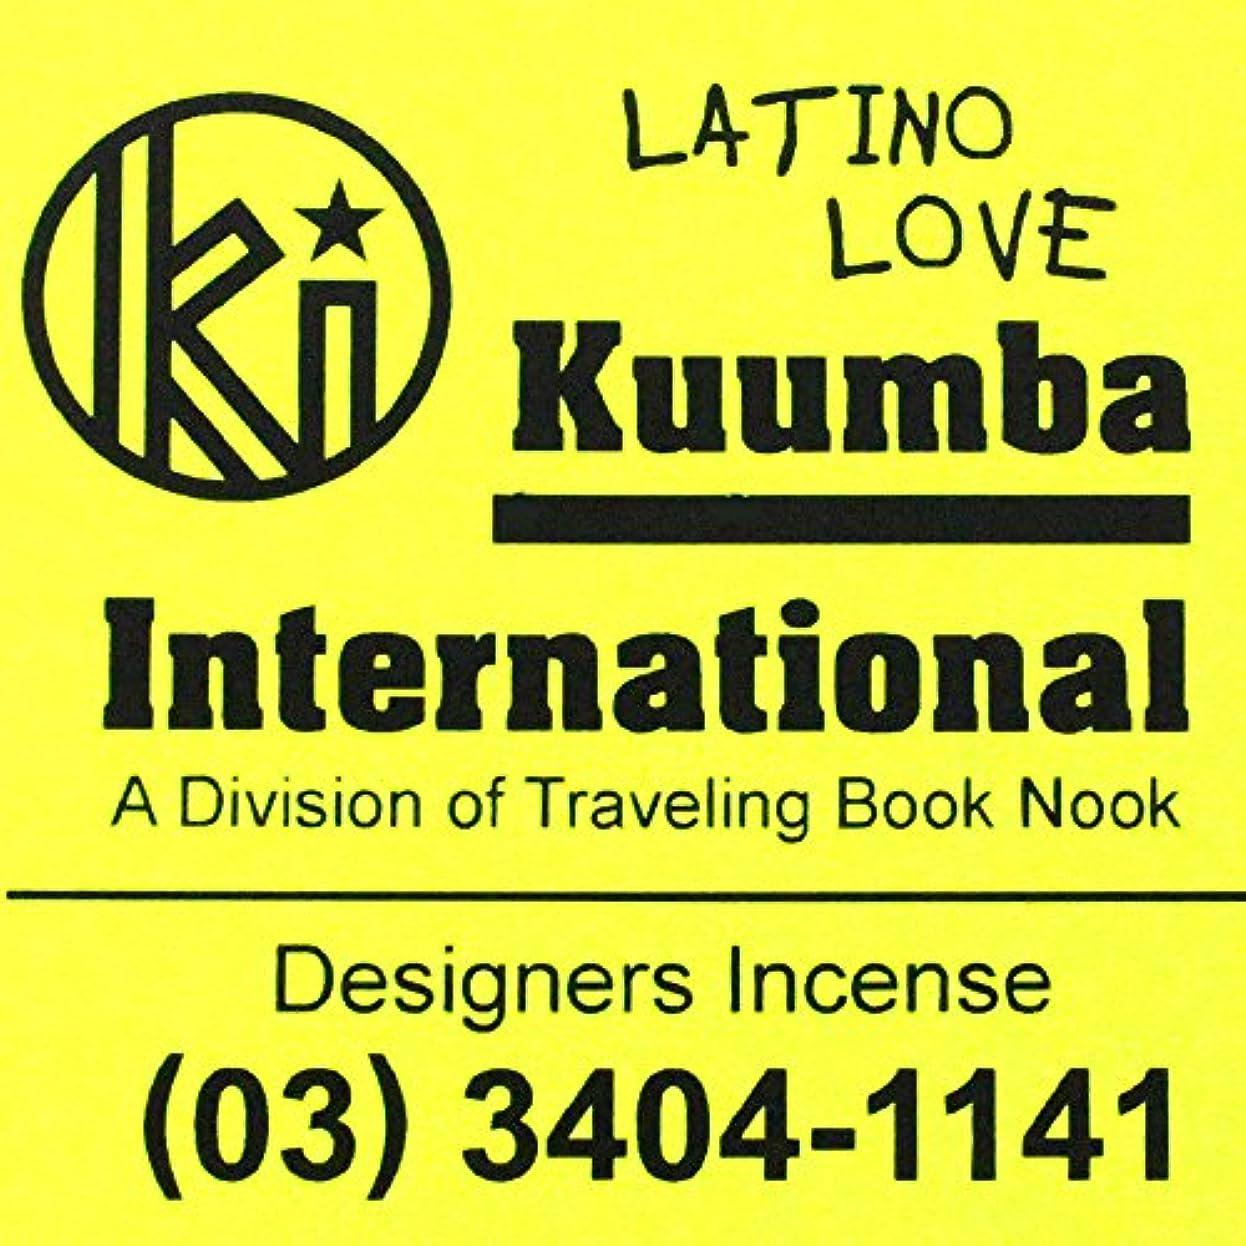 ガム死すべき料理をする(クンバ) KUUMBA『incense』(LATINO LOVE) (Regular size)